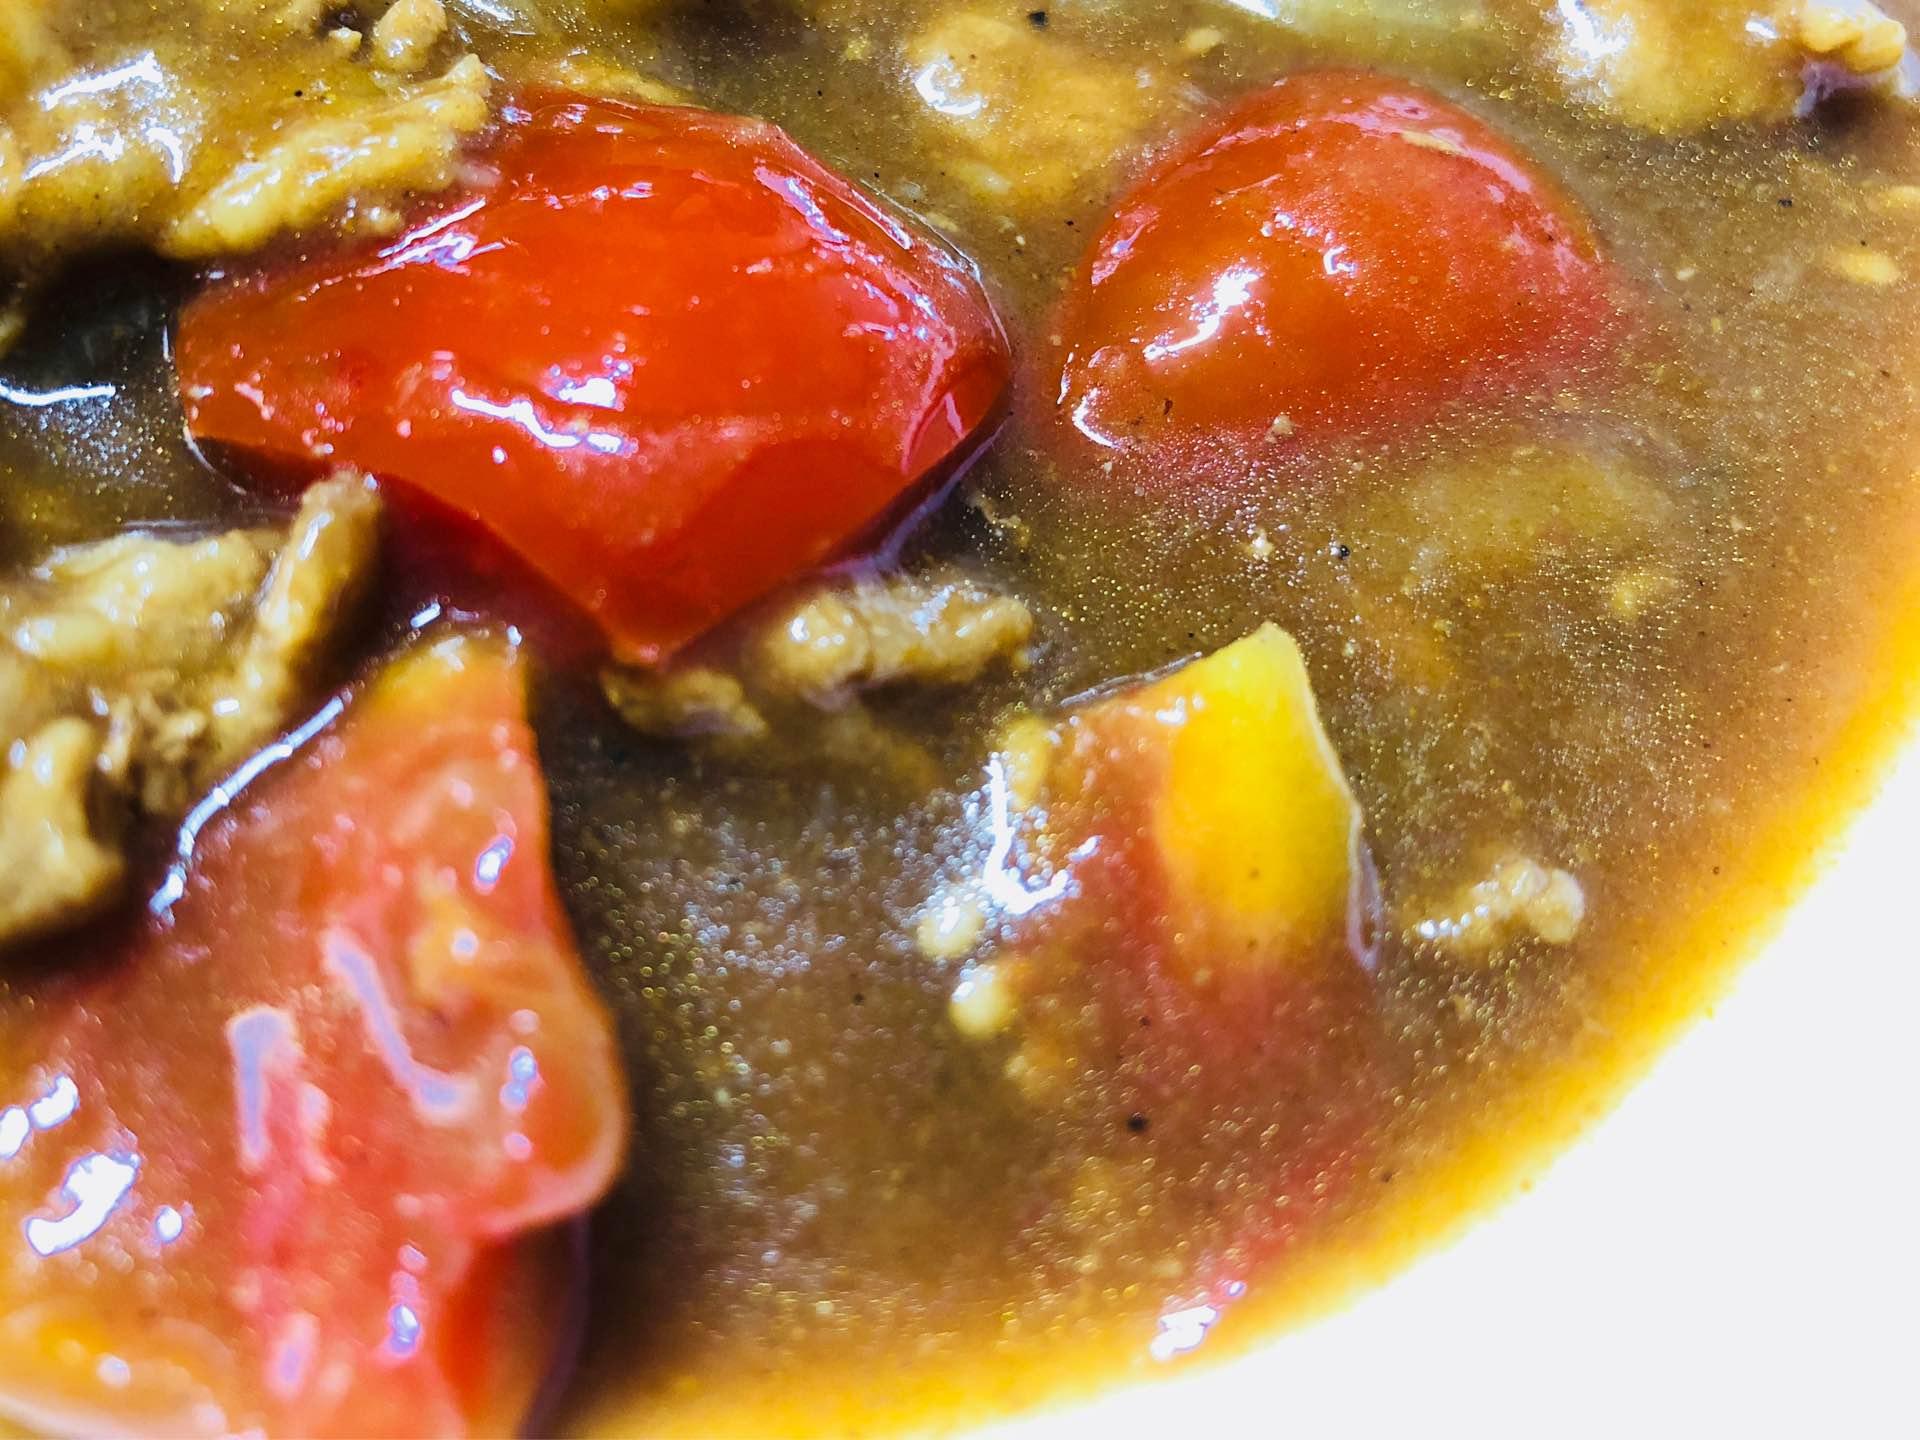 ルウを入れた後にトマトをたくさん入れたせいかだいぶ酸味のあるカレーになってしまった。あんまり食べたことのない味だけどまあまあ美味しい。 https://t.co/BaGRUAoVpQ